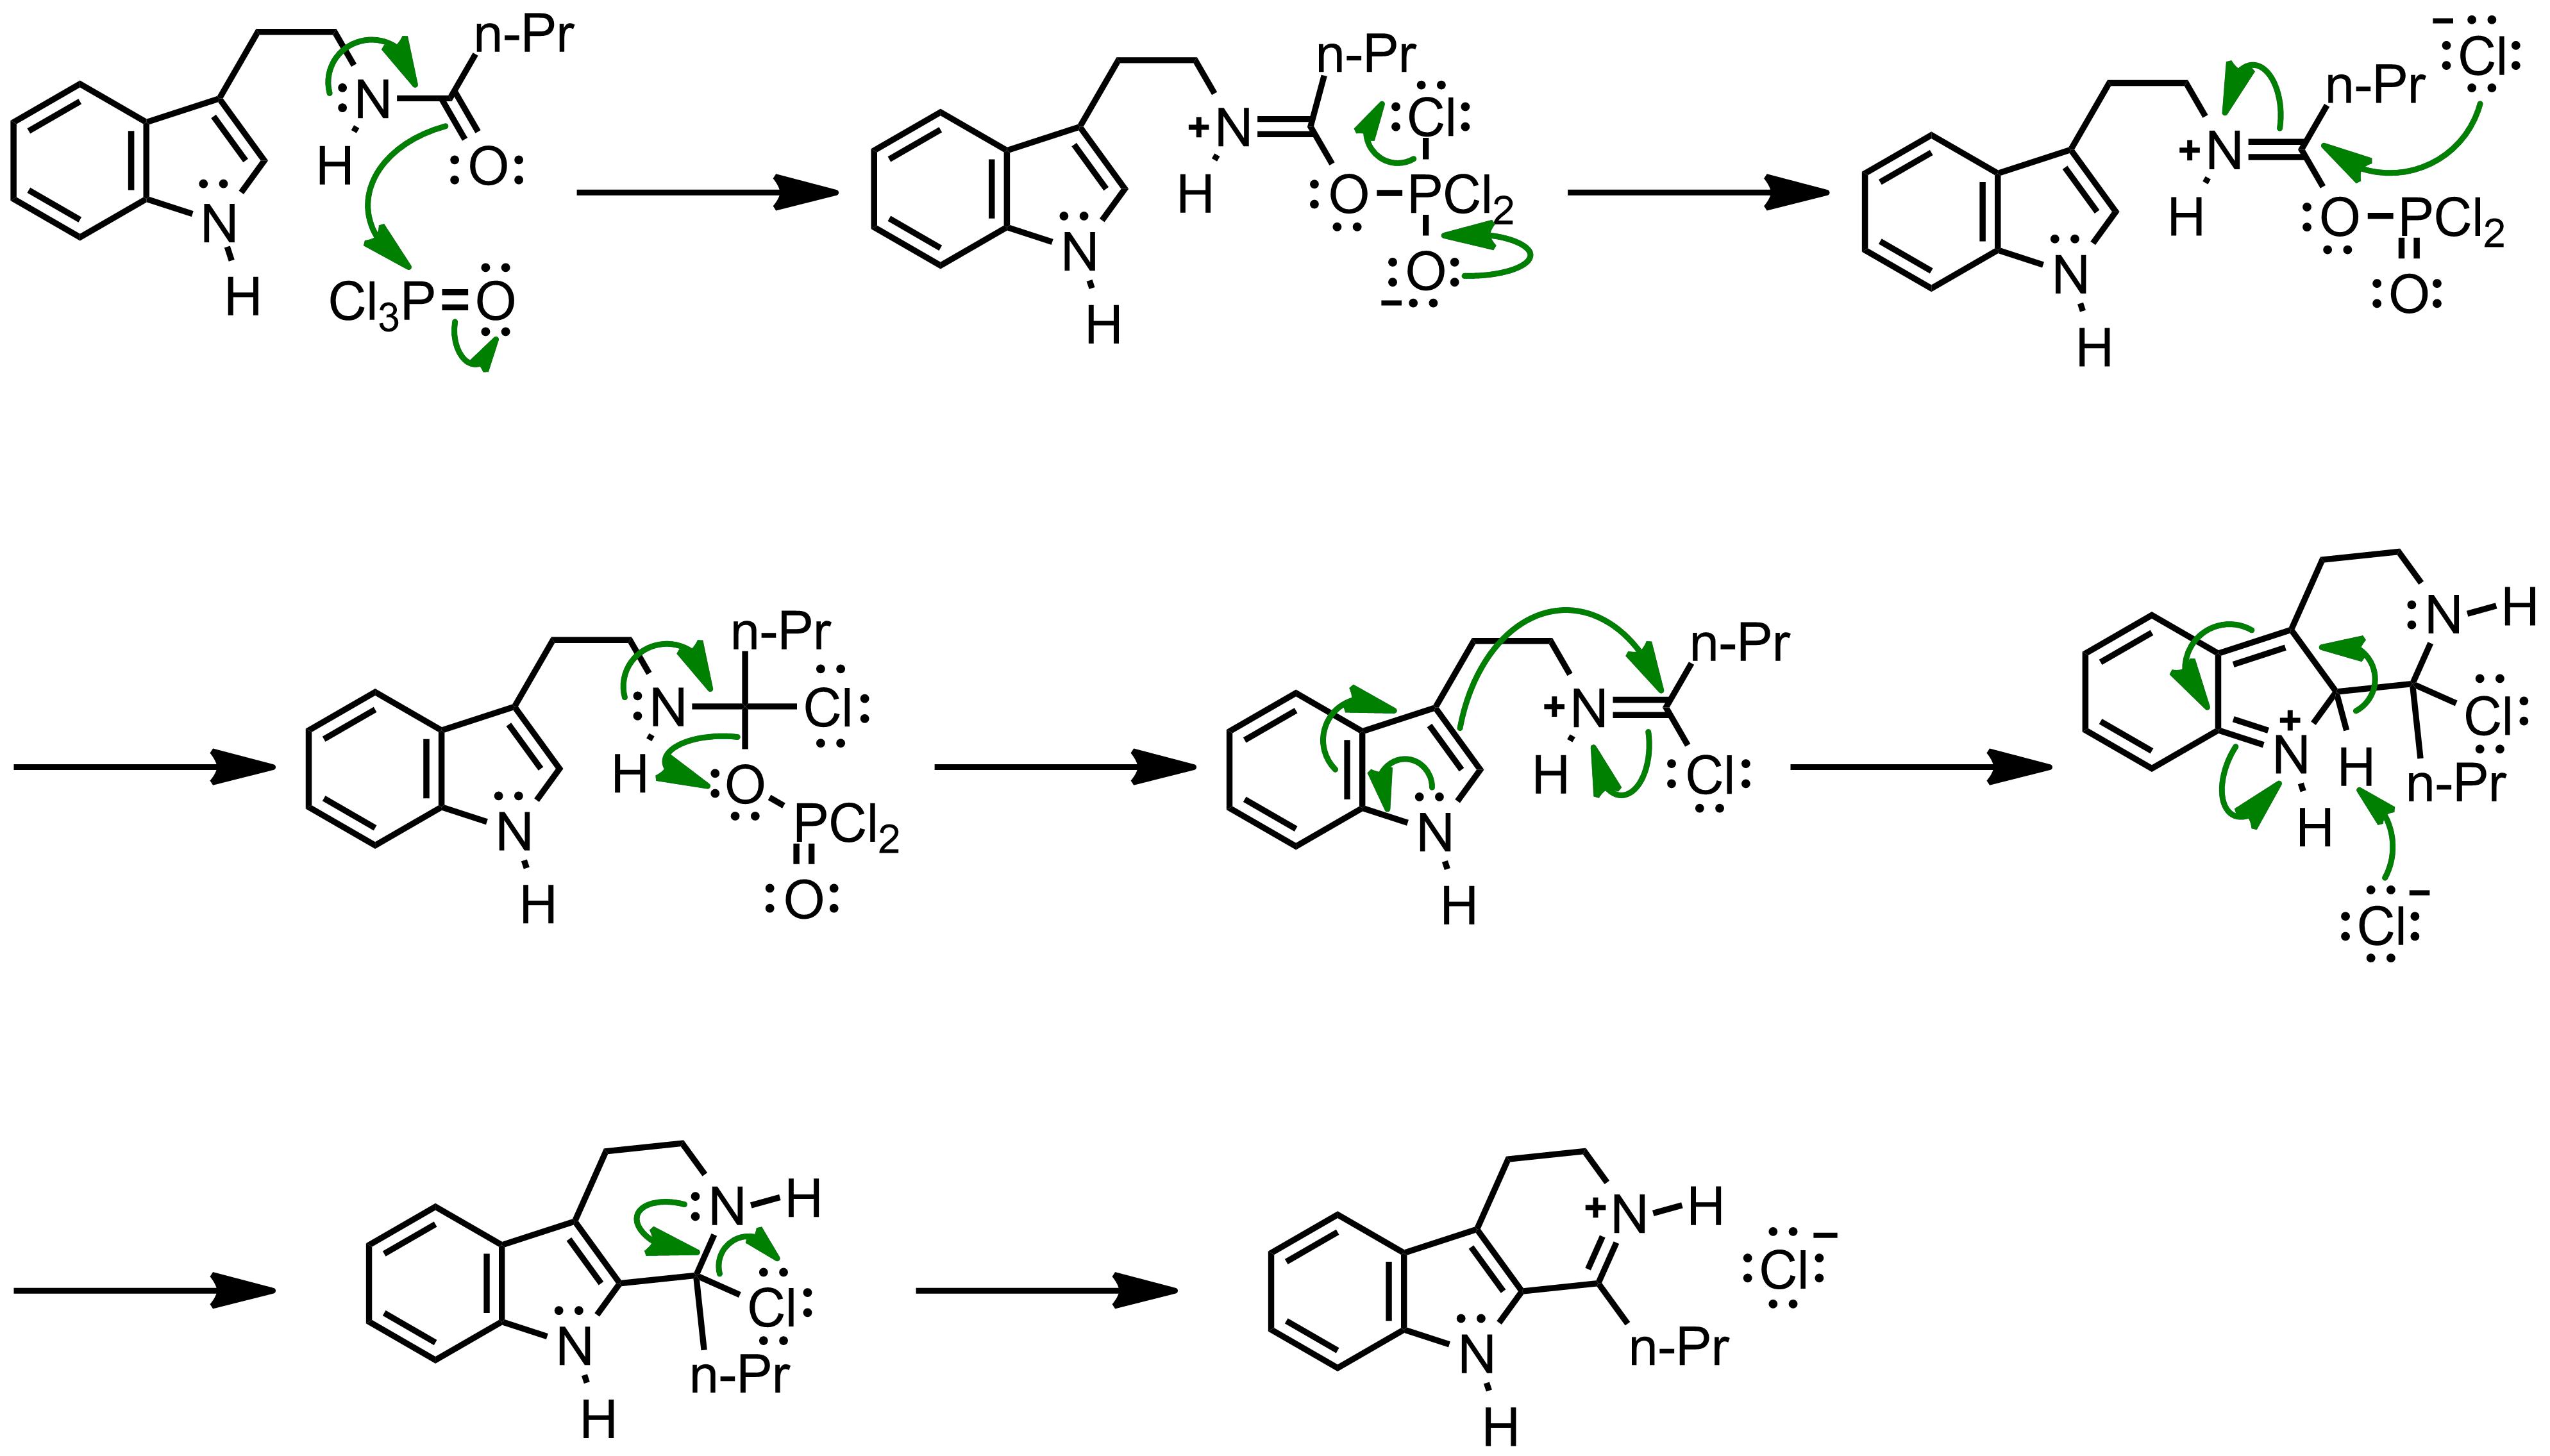 Mechanism of the Bischler-Napieralski Reaction